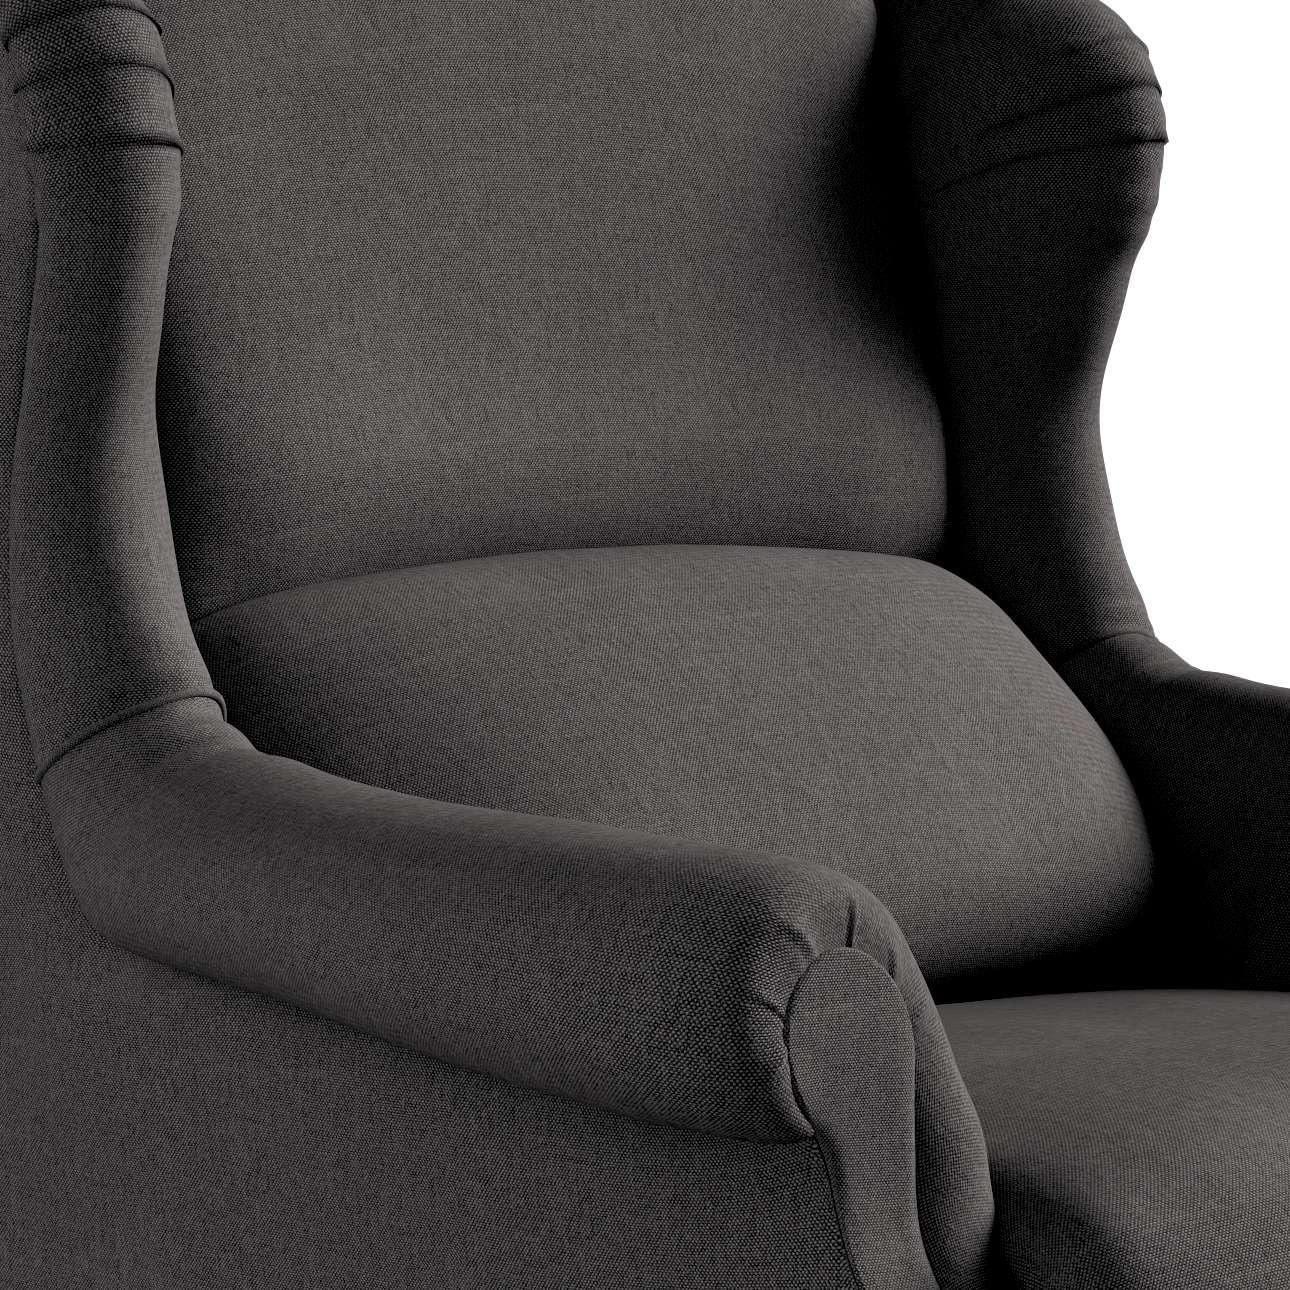 Křeslo čalouněné klasické, ruční výroba v kolekci Etna, látka: 705-35